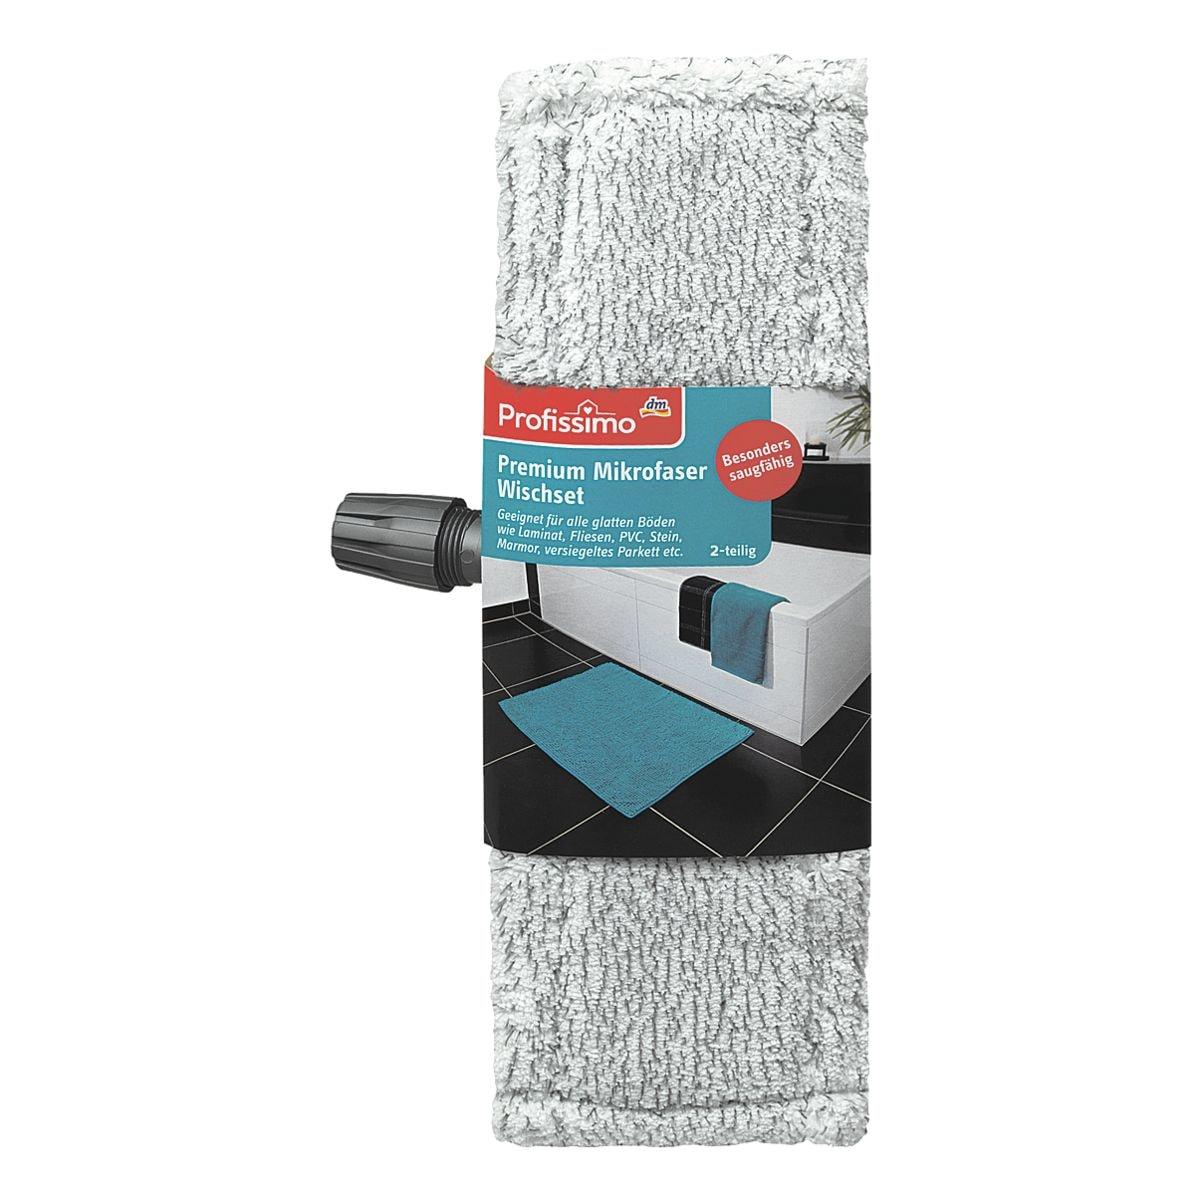 Profissimo 2tlg. Wischsysteme Premium Mikrofaser Wischset